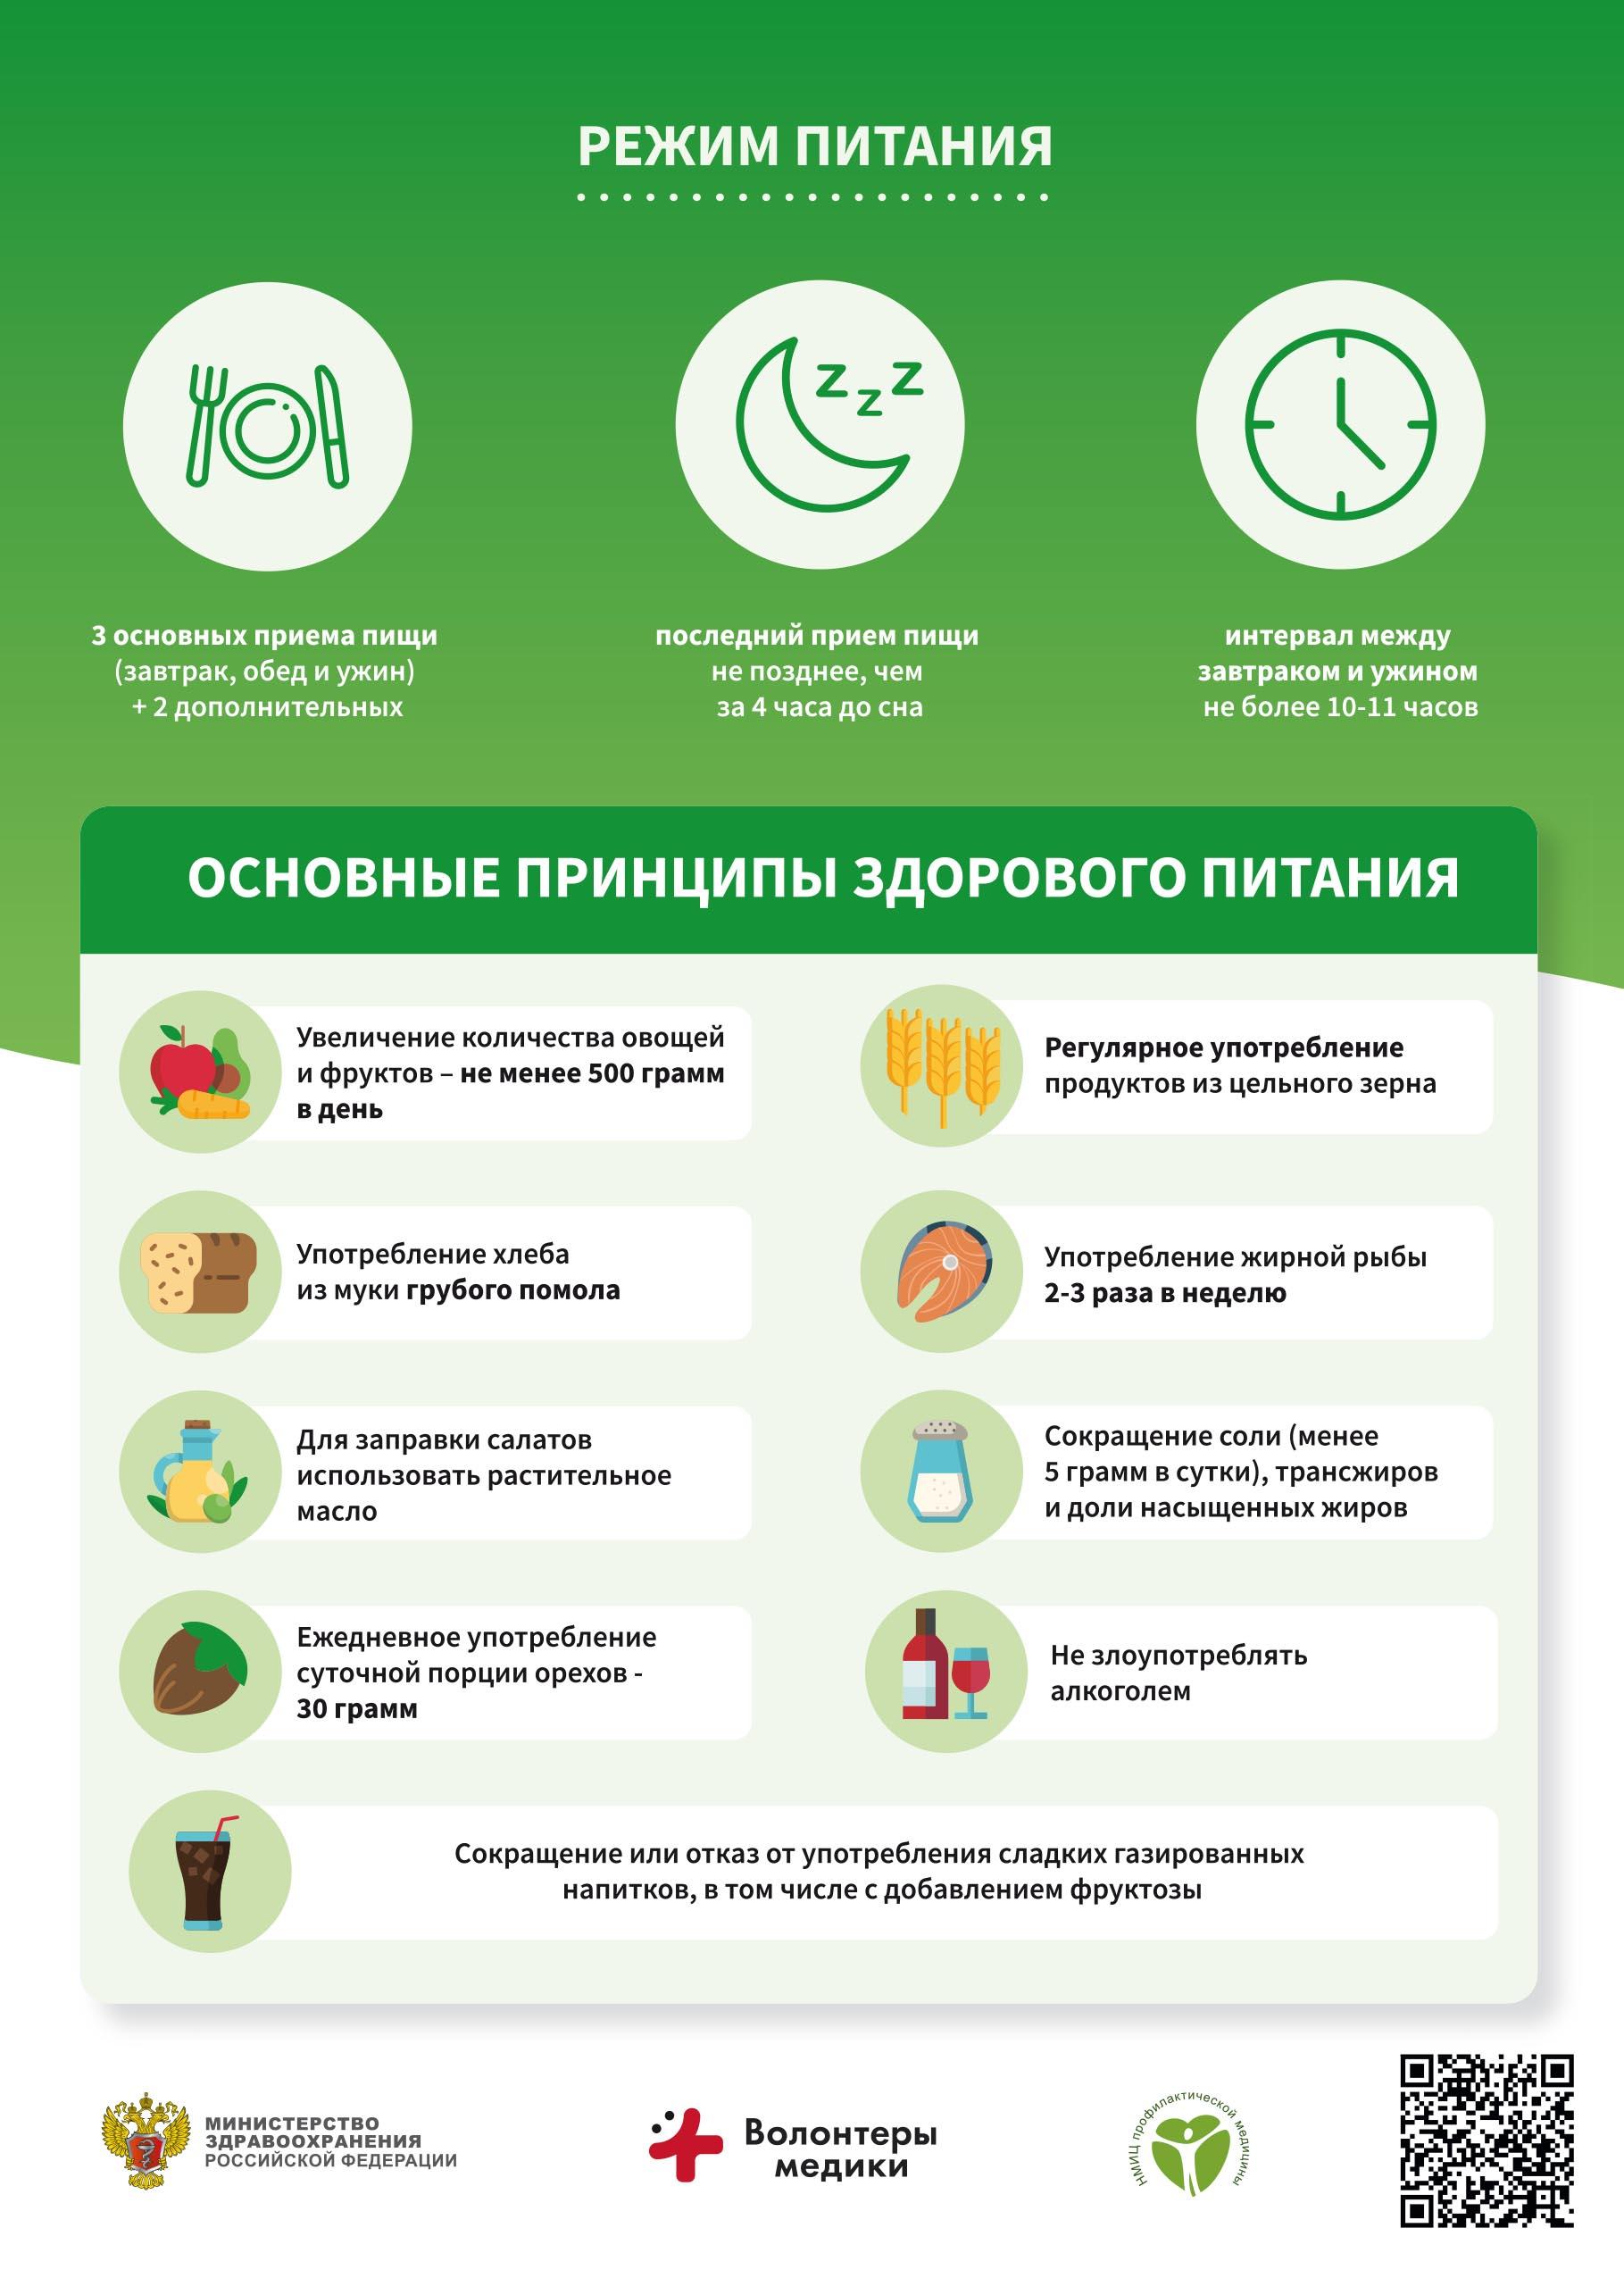 Listovka_na_aktsiyu_po_pitaniyu_na_pechat__1-2.jpg